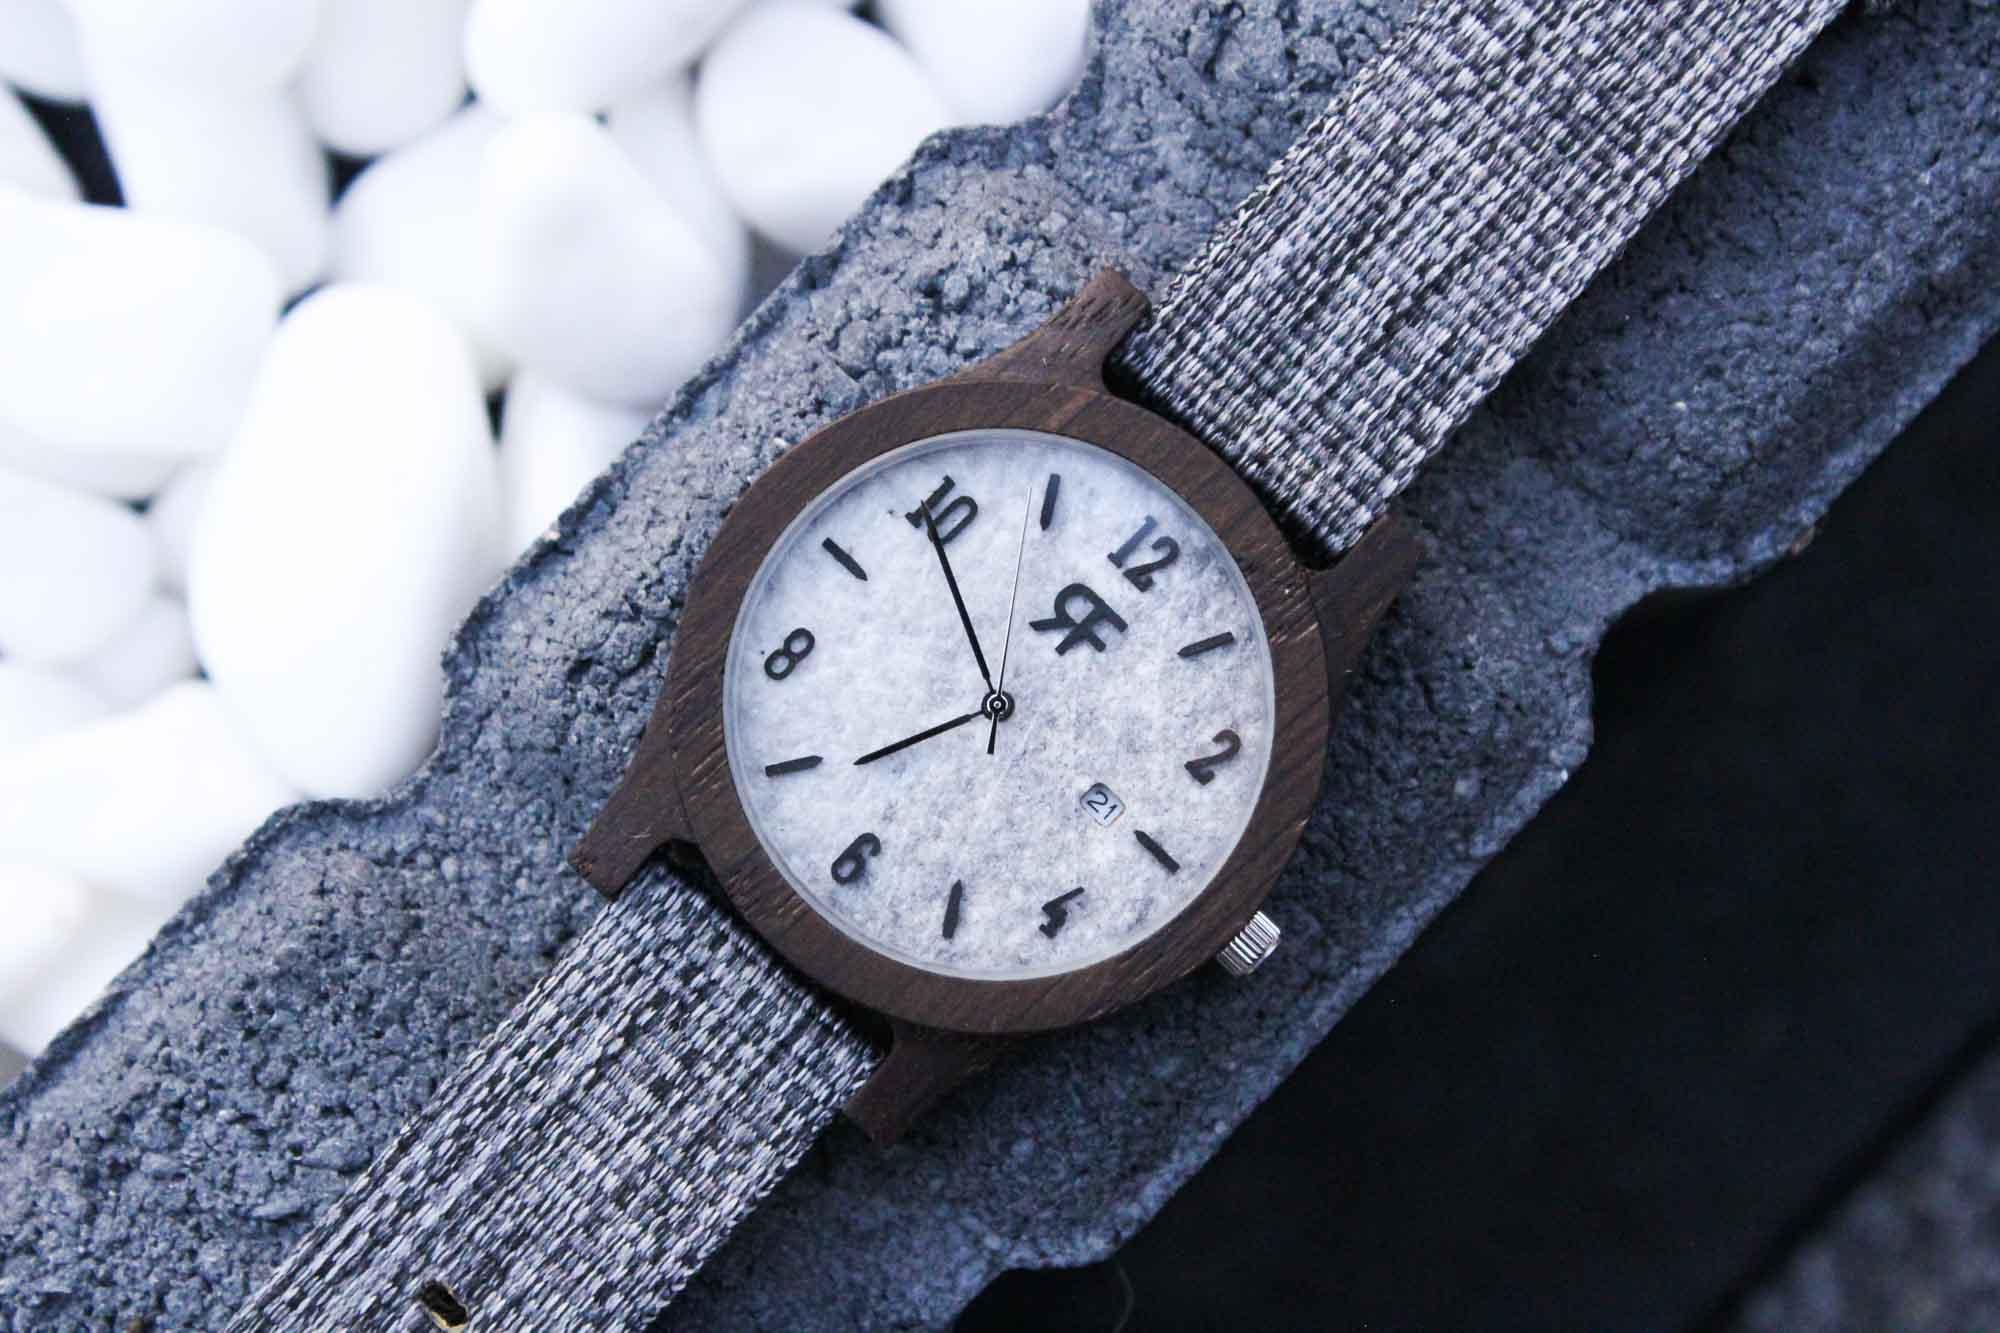 Zegarek drewniany Realforest Stone - marmur czarny dąb